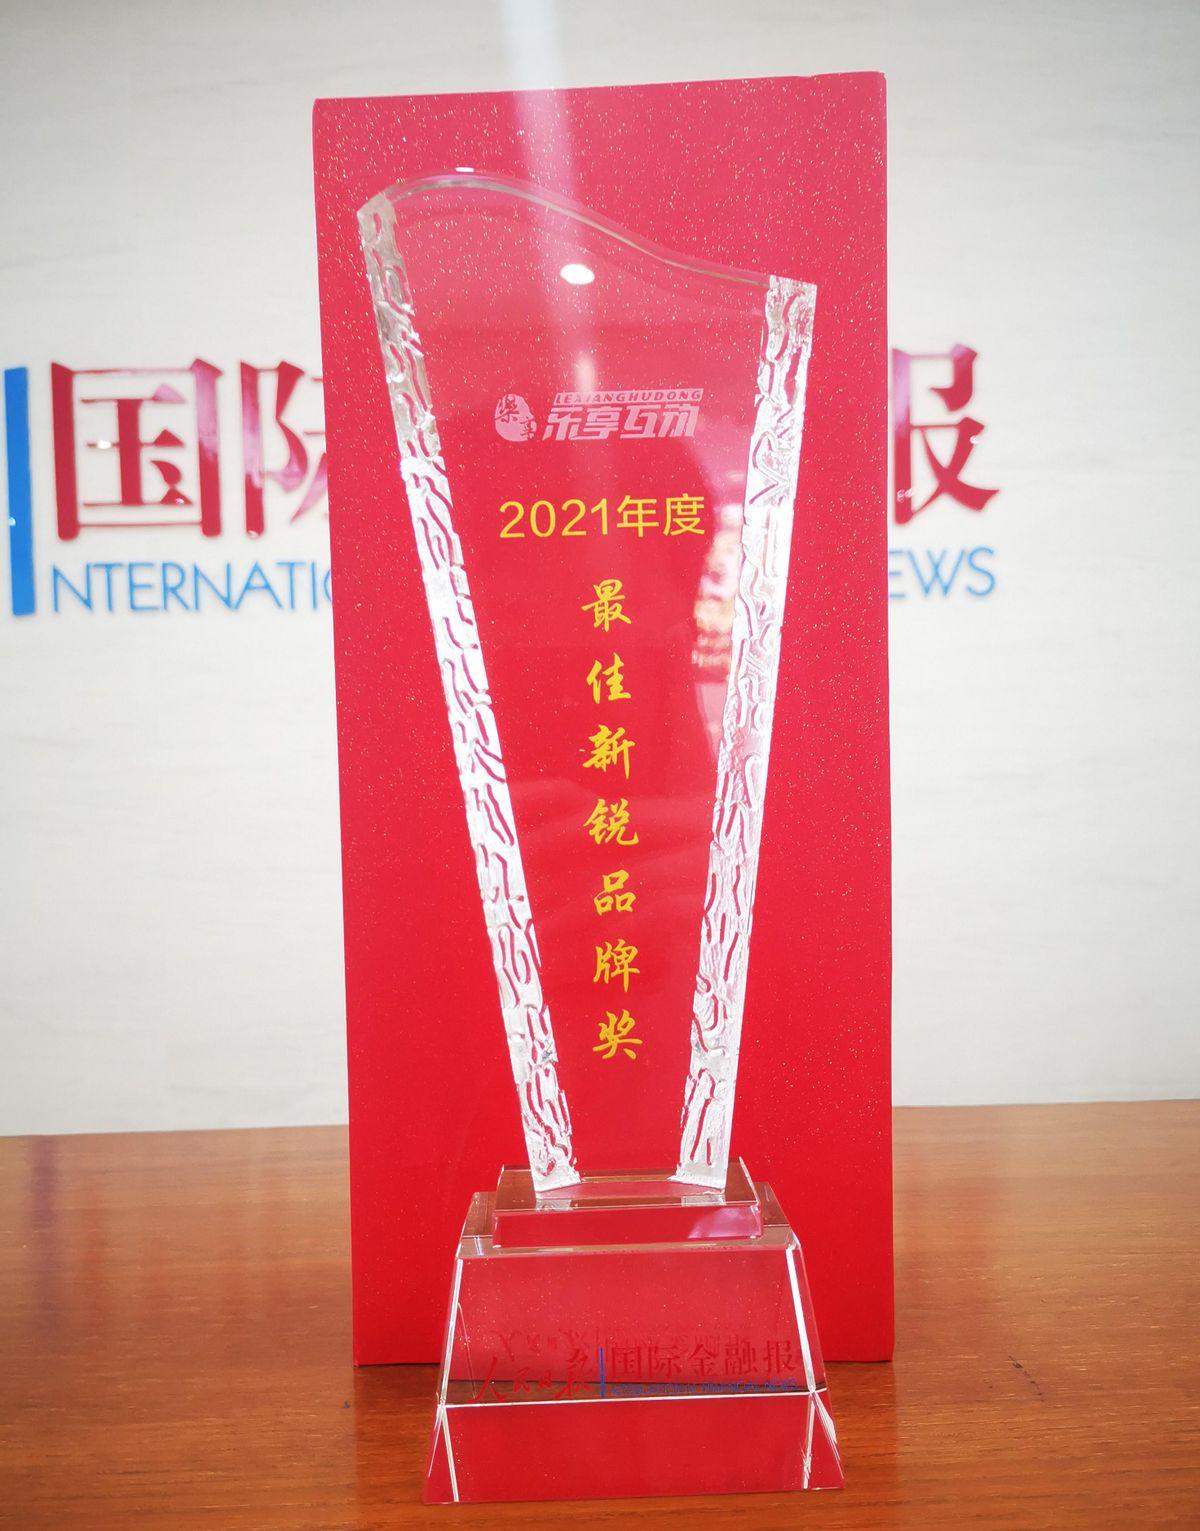 """乐享互动荣获第三届中国品牌建设论坛""""最佳新锐品牌奖"""""""